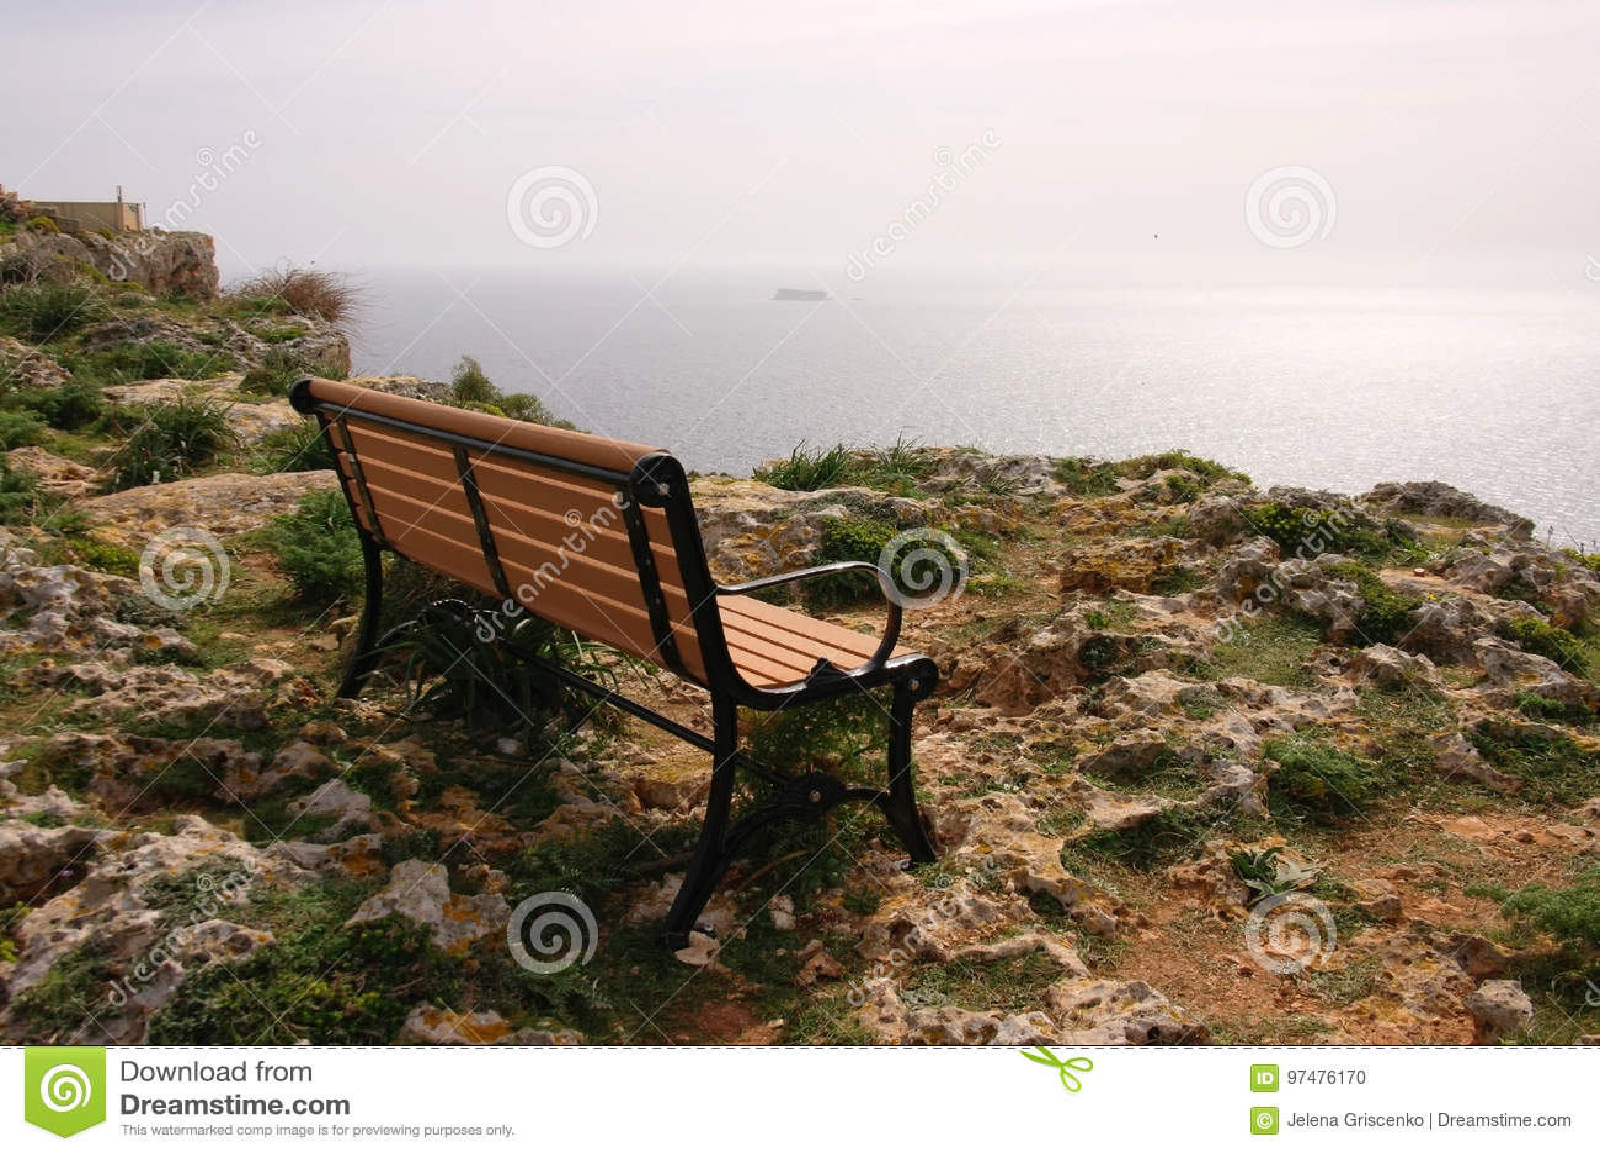 Osamotniona ławka na skalistym oceanu wybrzeżu